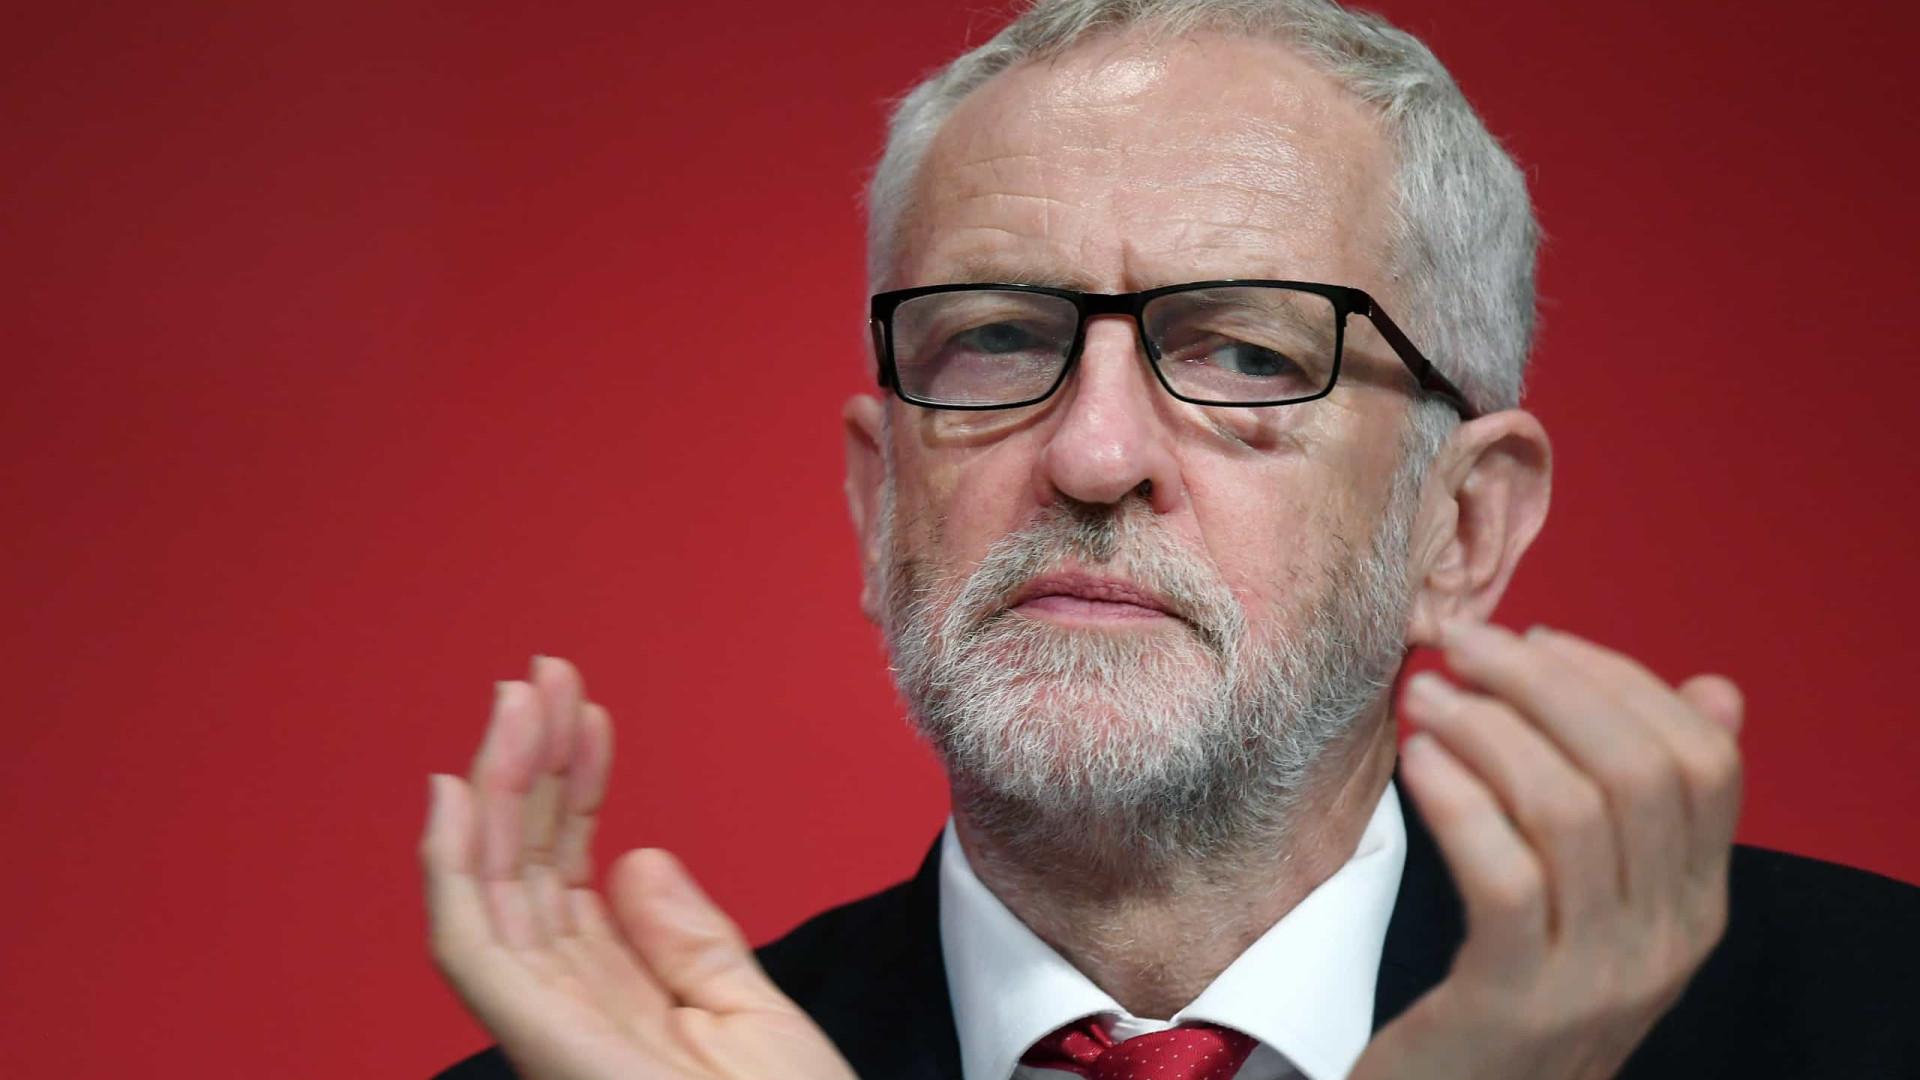 Corbyn afasta rumores de demissão, mas não define posição sobre o Brexit